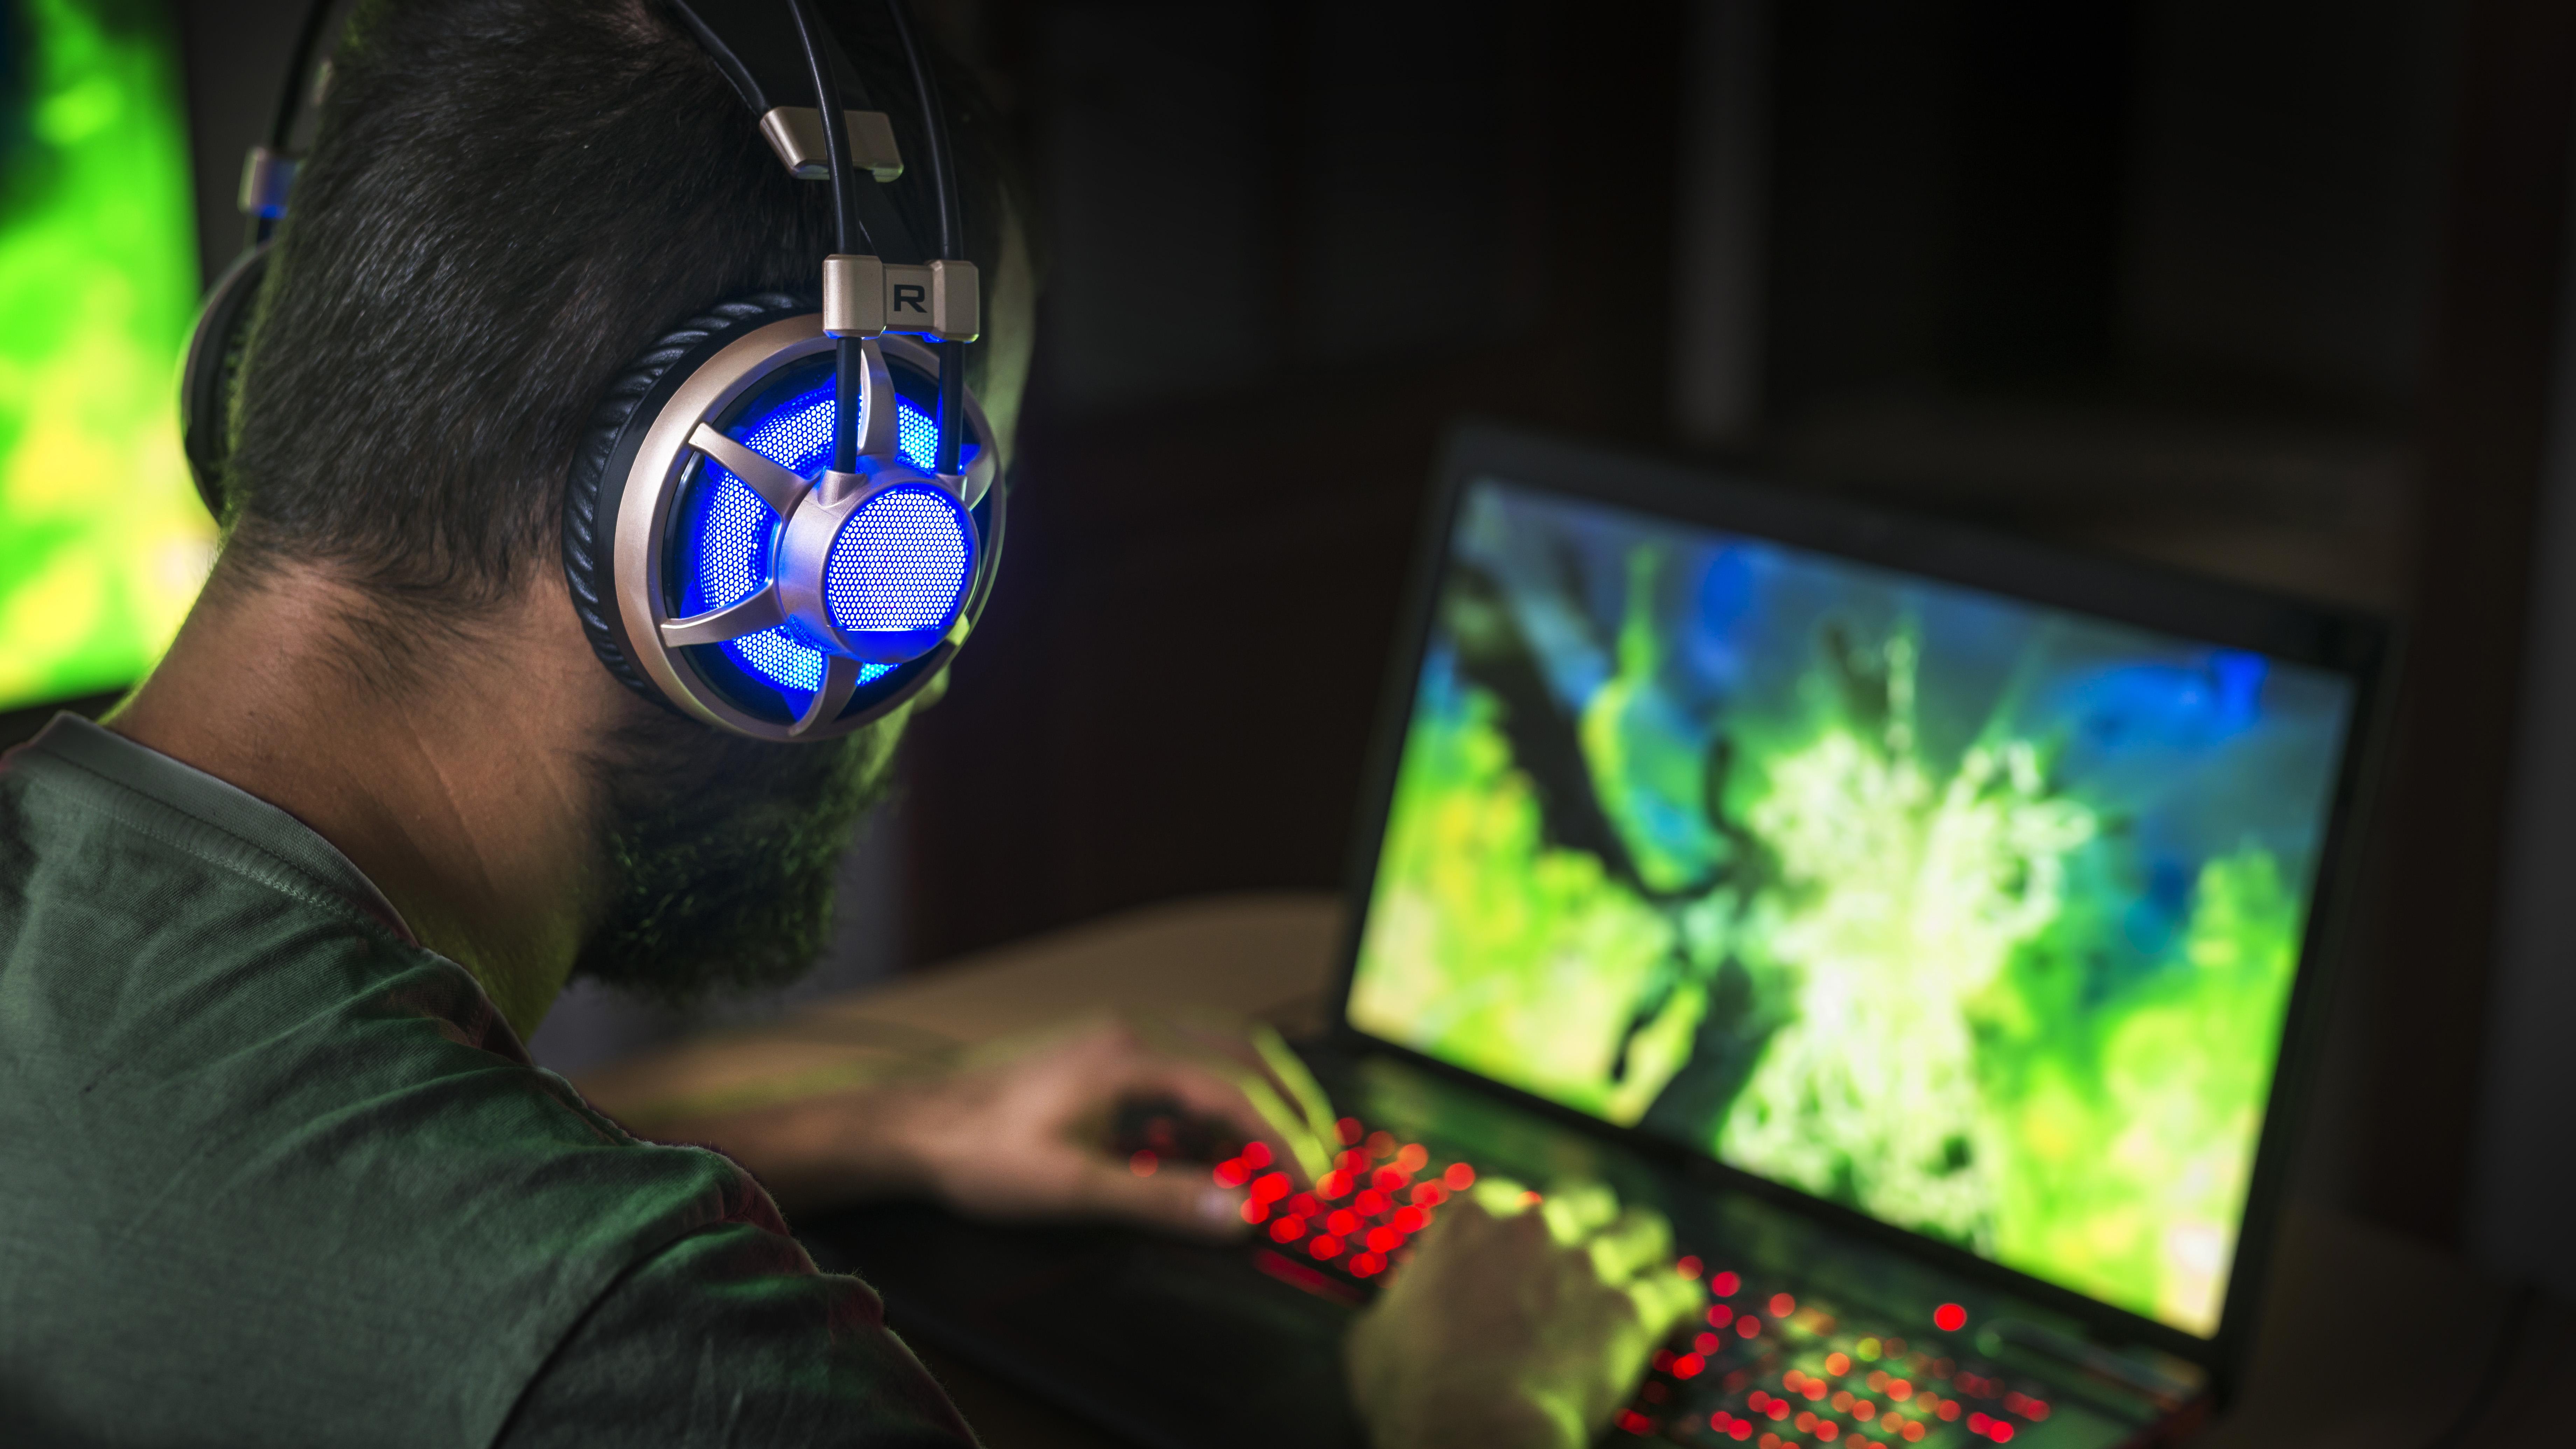 083b6bfd Beste gaming-laptop i 2019: Våre favoritter blant bærbare PC-er til  spilling | TechRadar